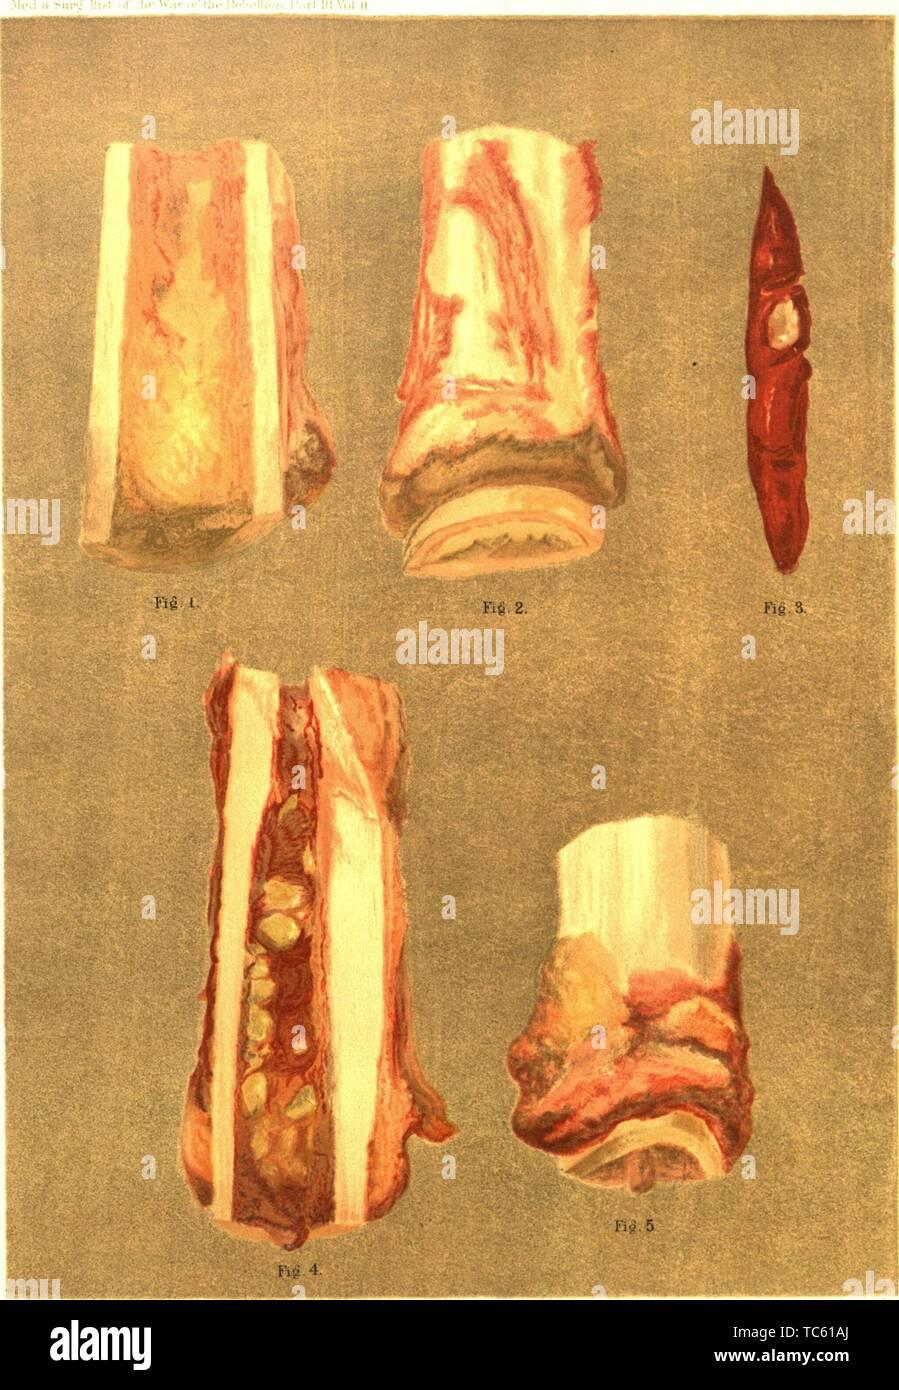 """Grabado de los resultados de la osteomielitis, del libro 'La historia médica y quirúrgica de la guerra de la rebelión"""" por el ejército de los EE.UU. la Oficina del Cirujano General, 1883. Cortesía de Internet Archive. () Imagen De Stock"""